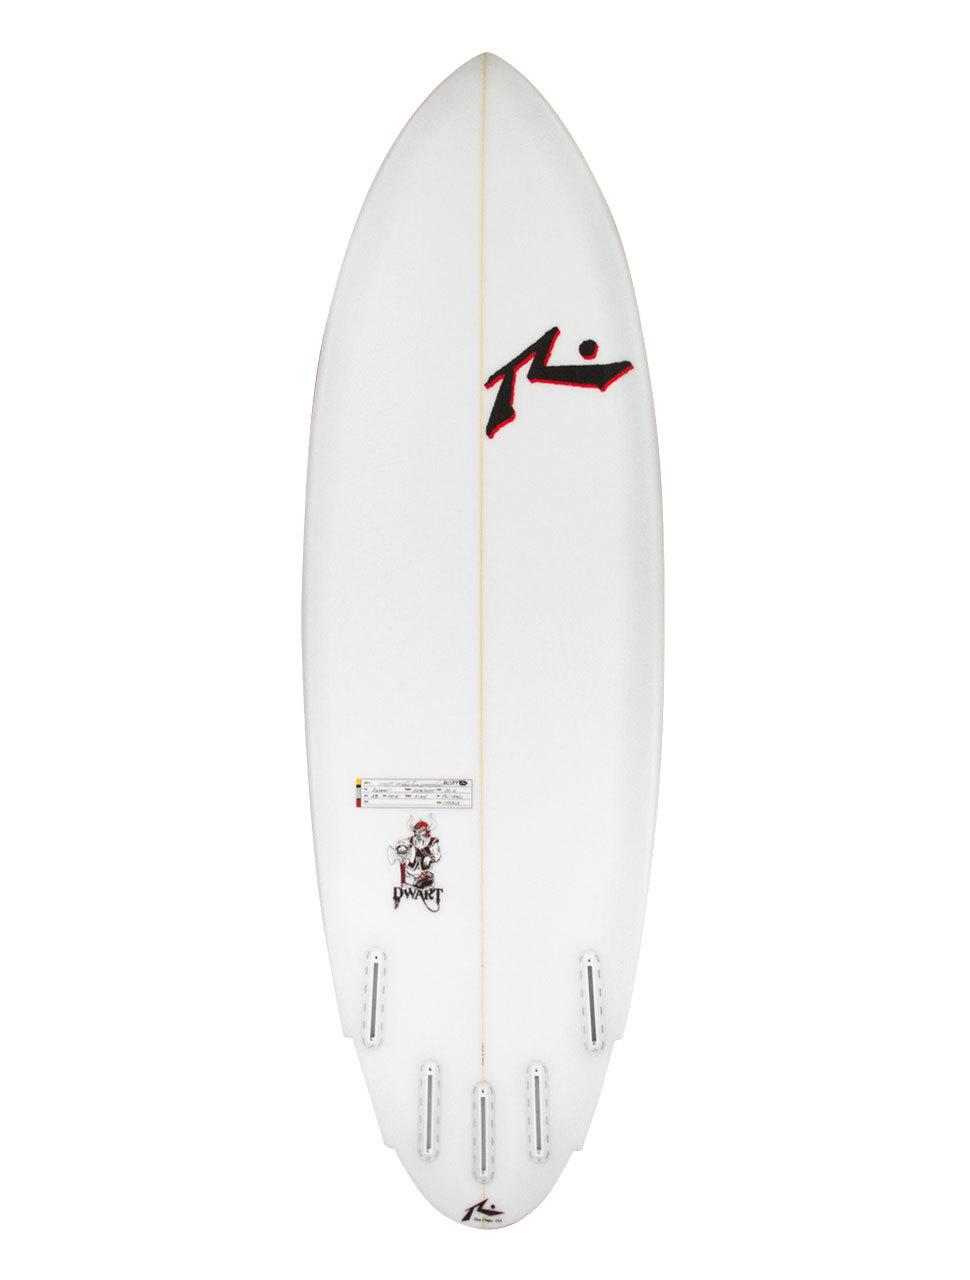 970x1280 Rusty Dwart Surfboard Review Shredding Hippie Surfboards